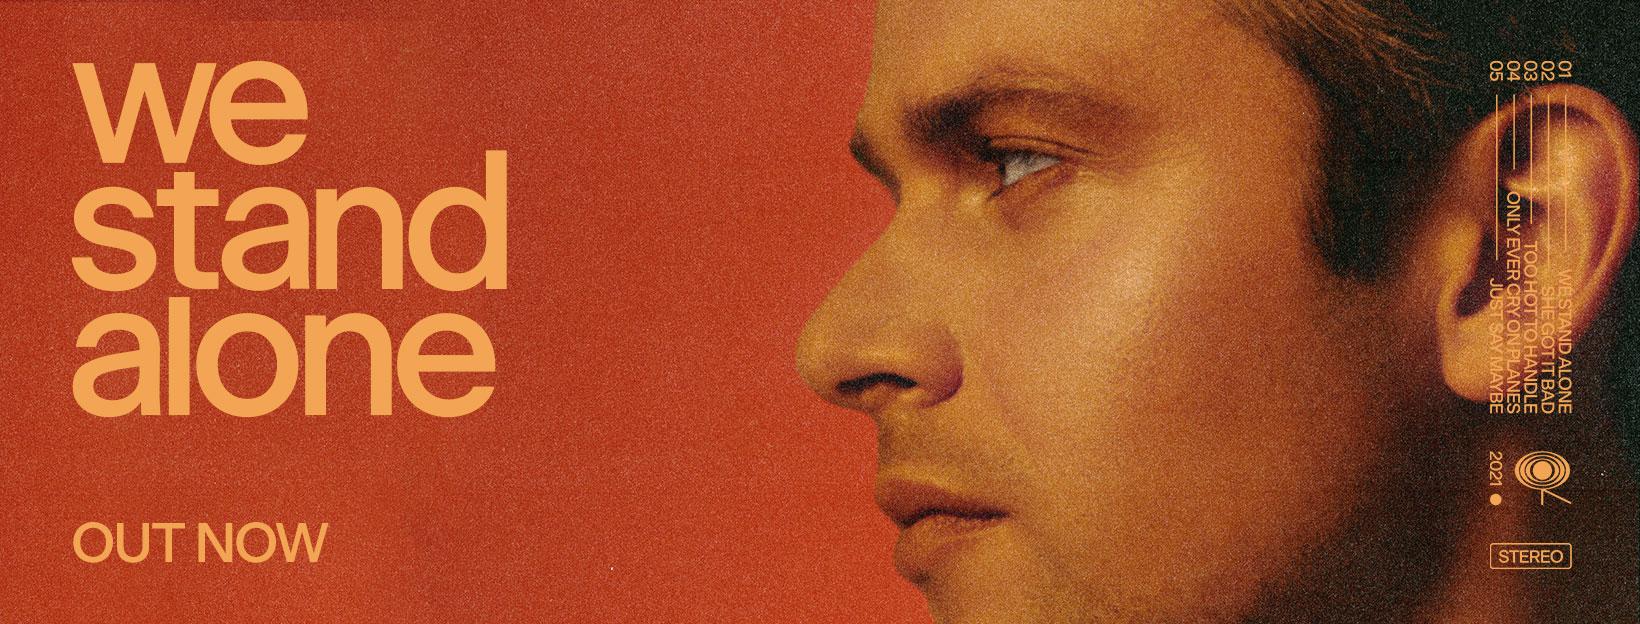 Muzikali pasaka naujame, mažai kam pažįstamo George'o Cosby EP